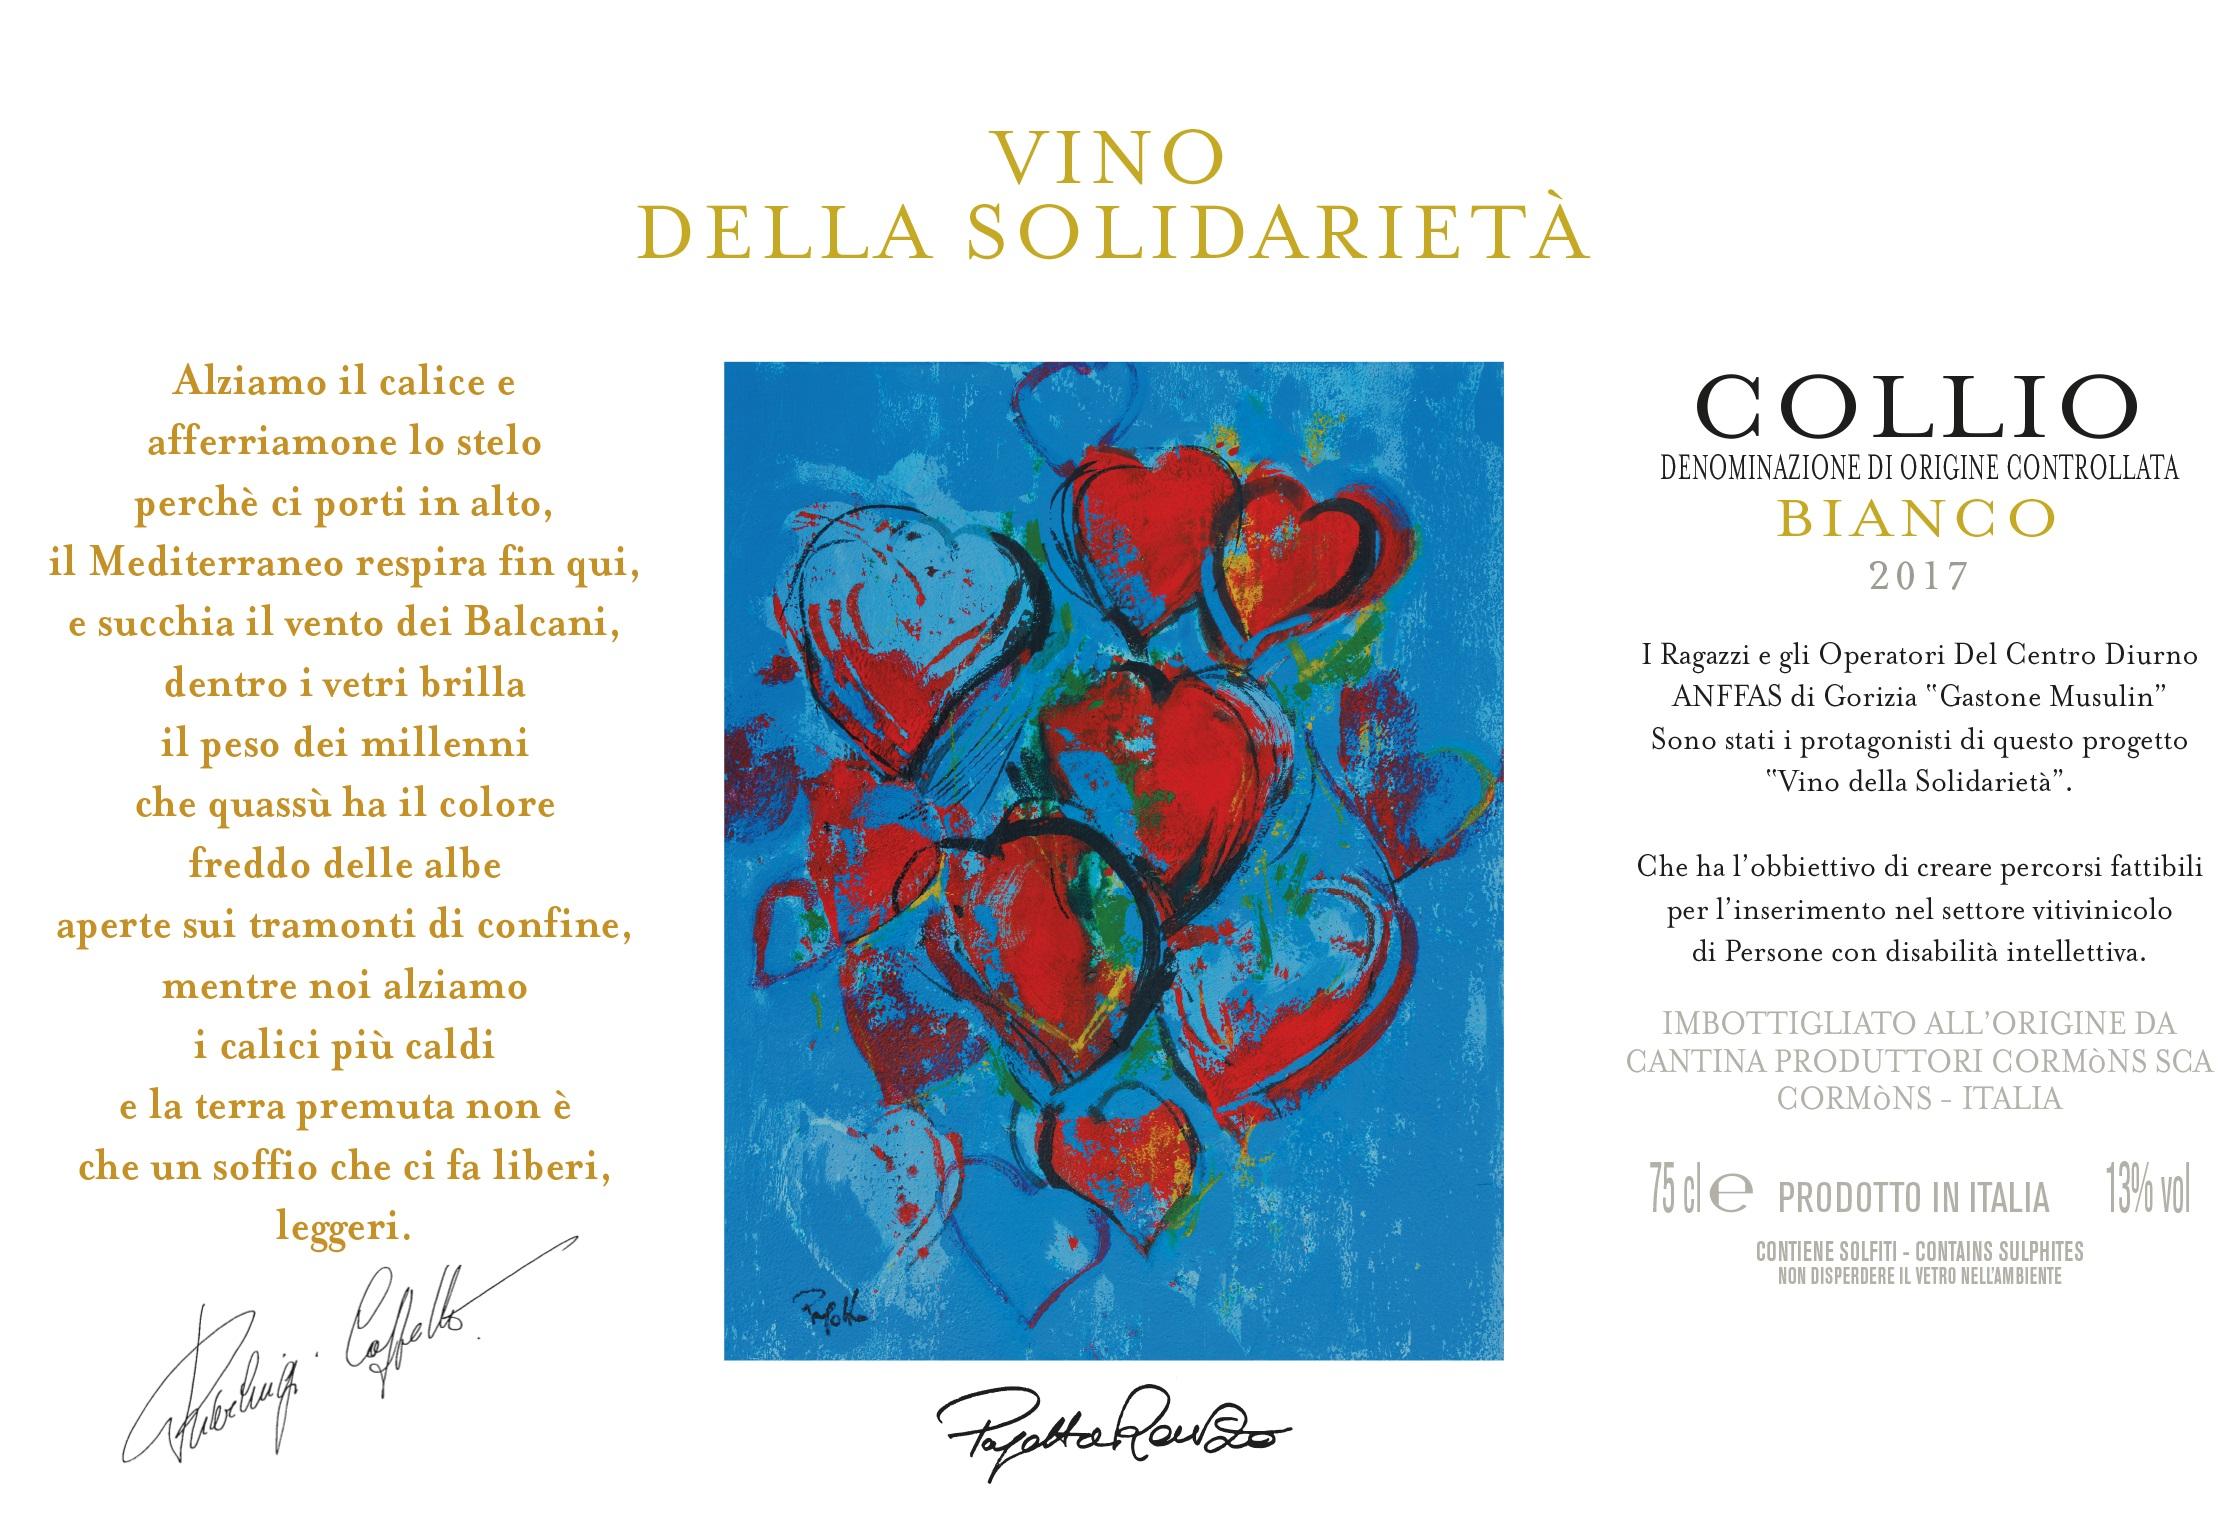 etichetta_vino_solidarietà-2018